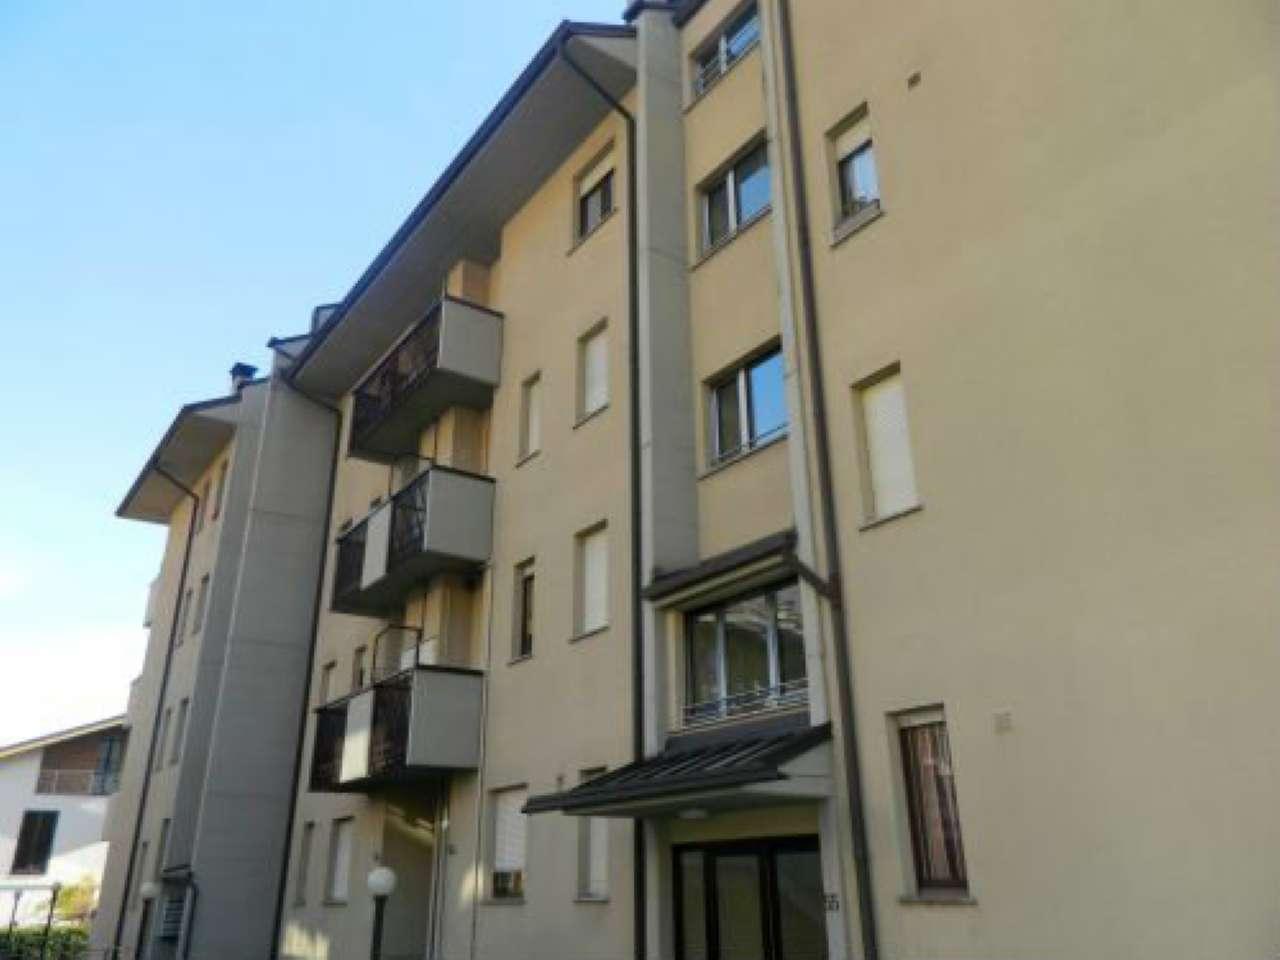 Appartamento in affitto a Sondrio, 2 locali, prezzo € 350 | CambioCasa.it